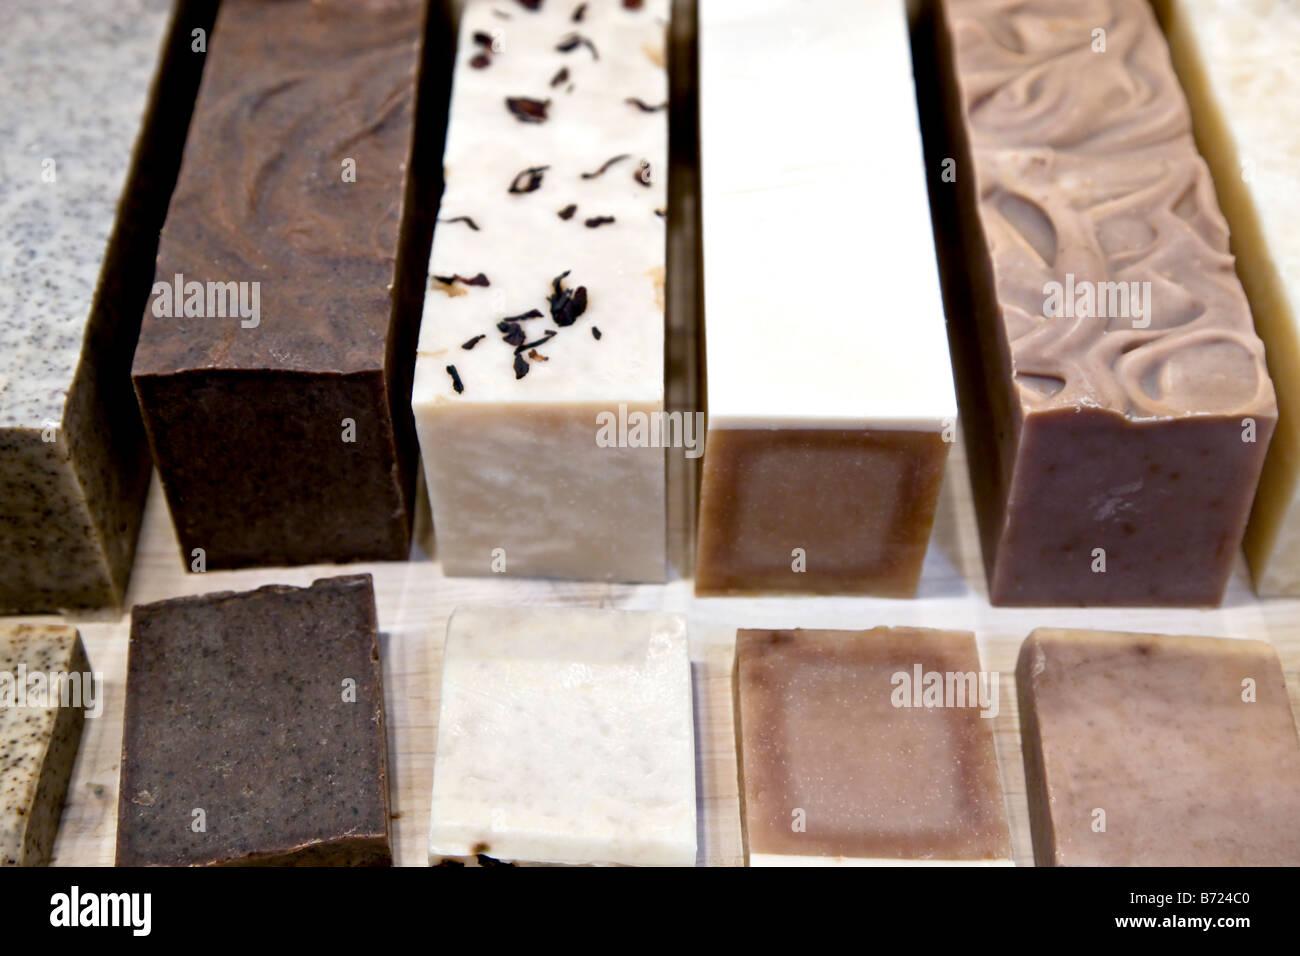 Piezas de jabón perfumado Imagen De Stock